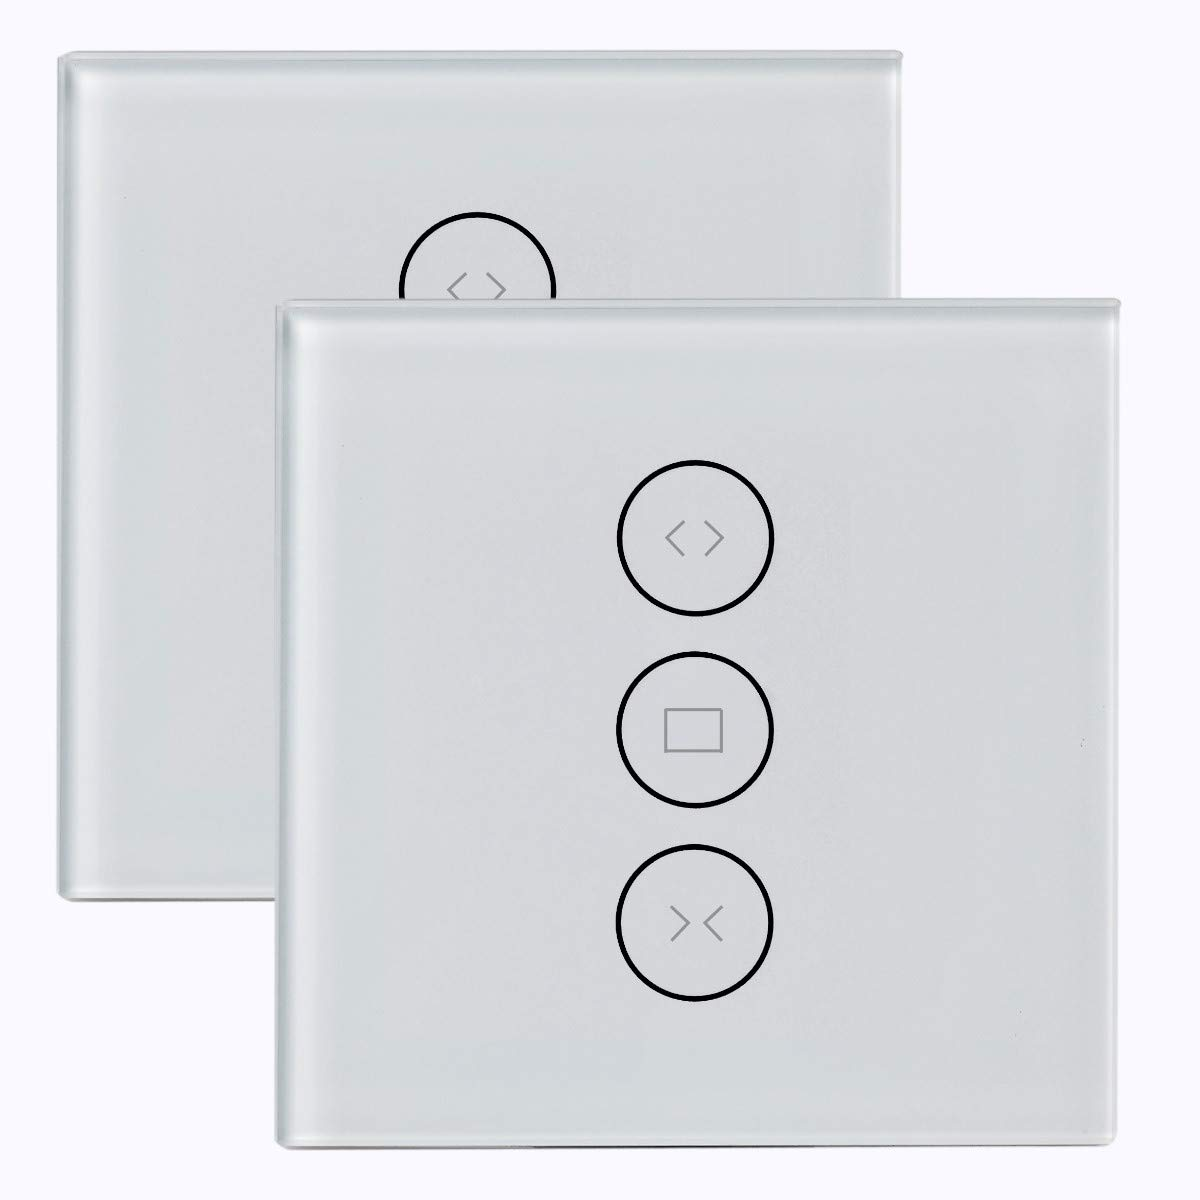 Konyks Vollo Max - lot de 2 Interrupteurs encastrables pour volets roulants Wi-Fi